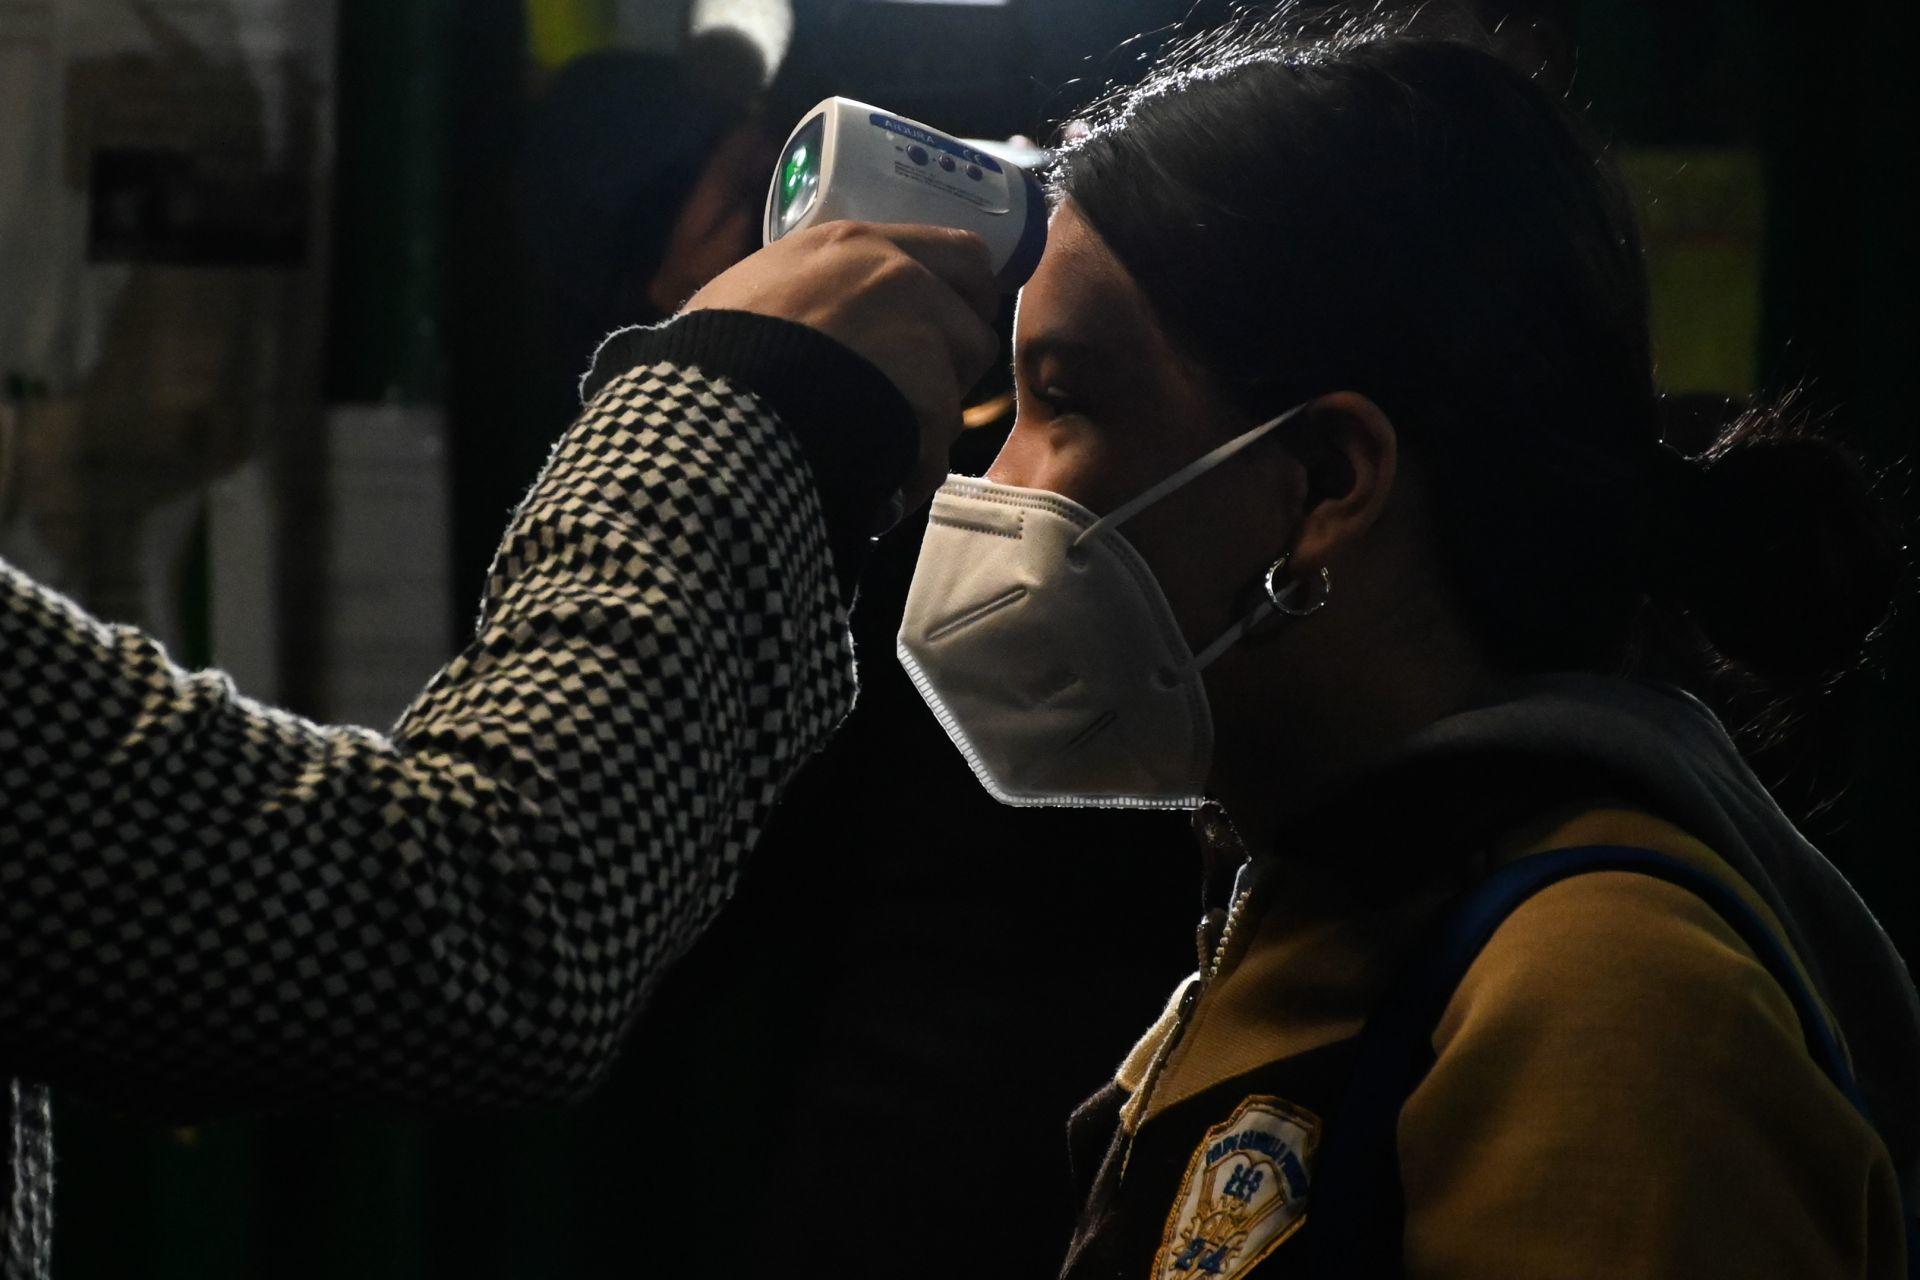 Jóvenes con efectos colaterales por pandemia covid (Cuartoscuro)